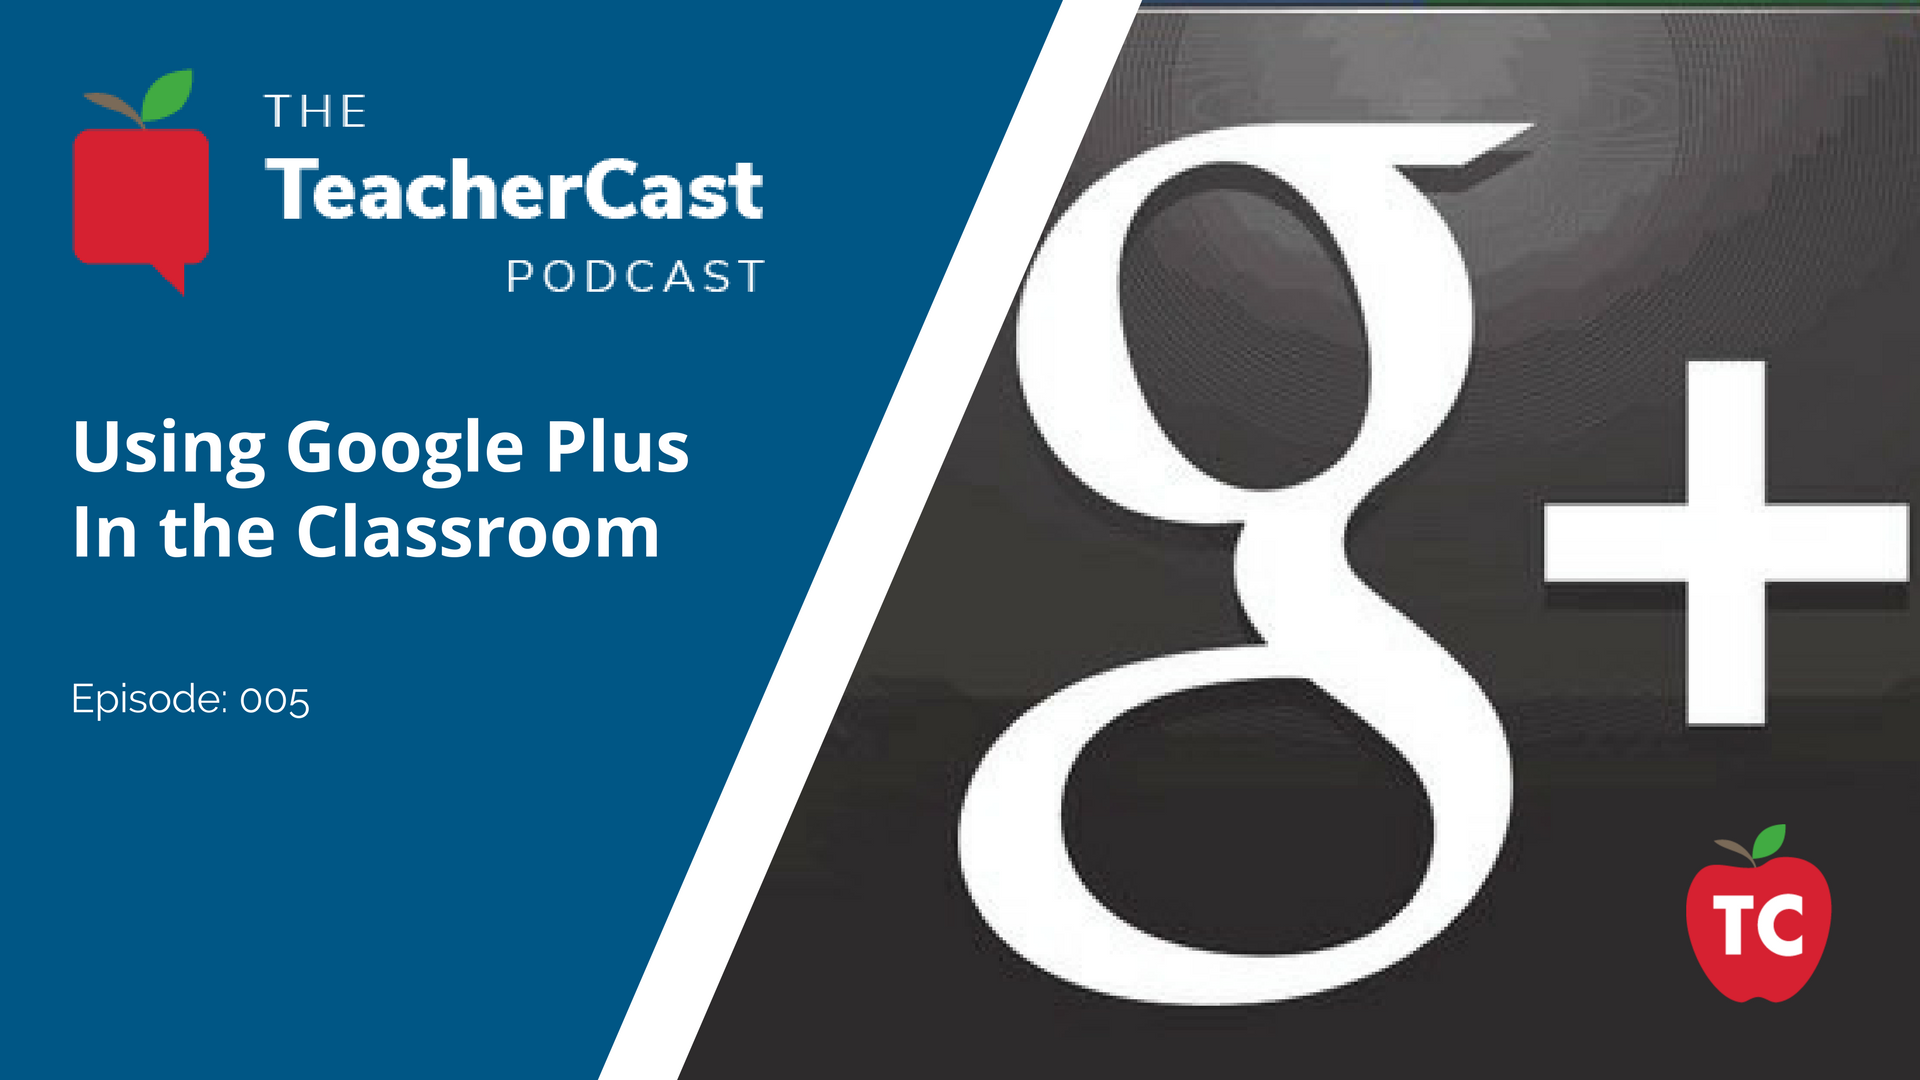 TeacherCast Podcast